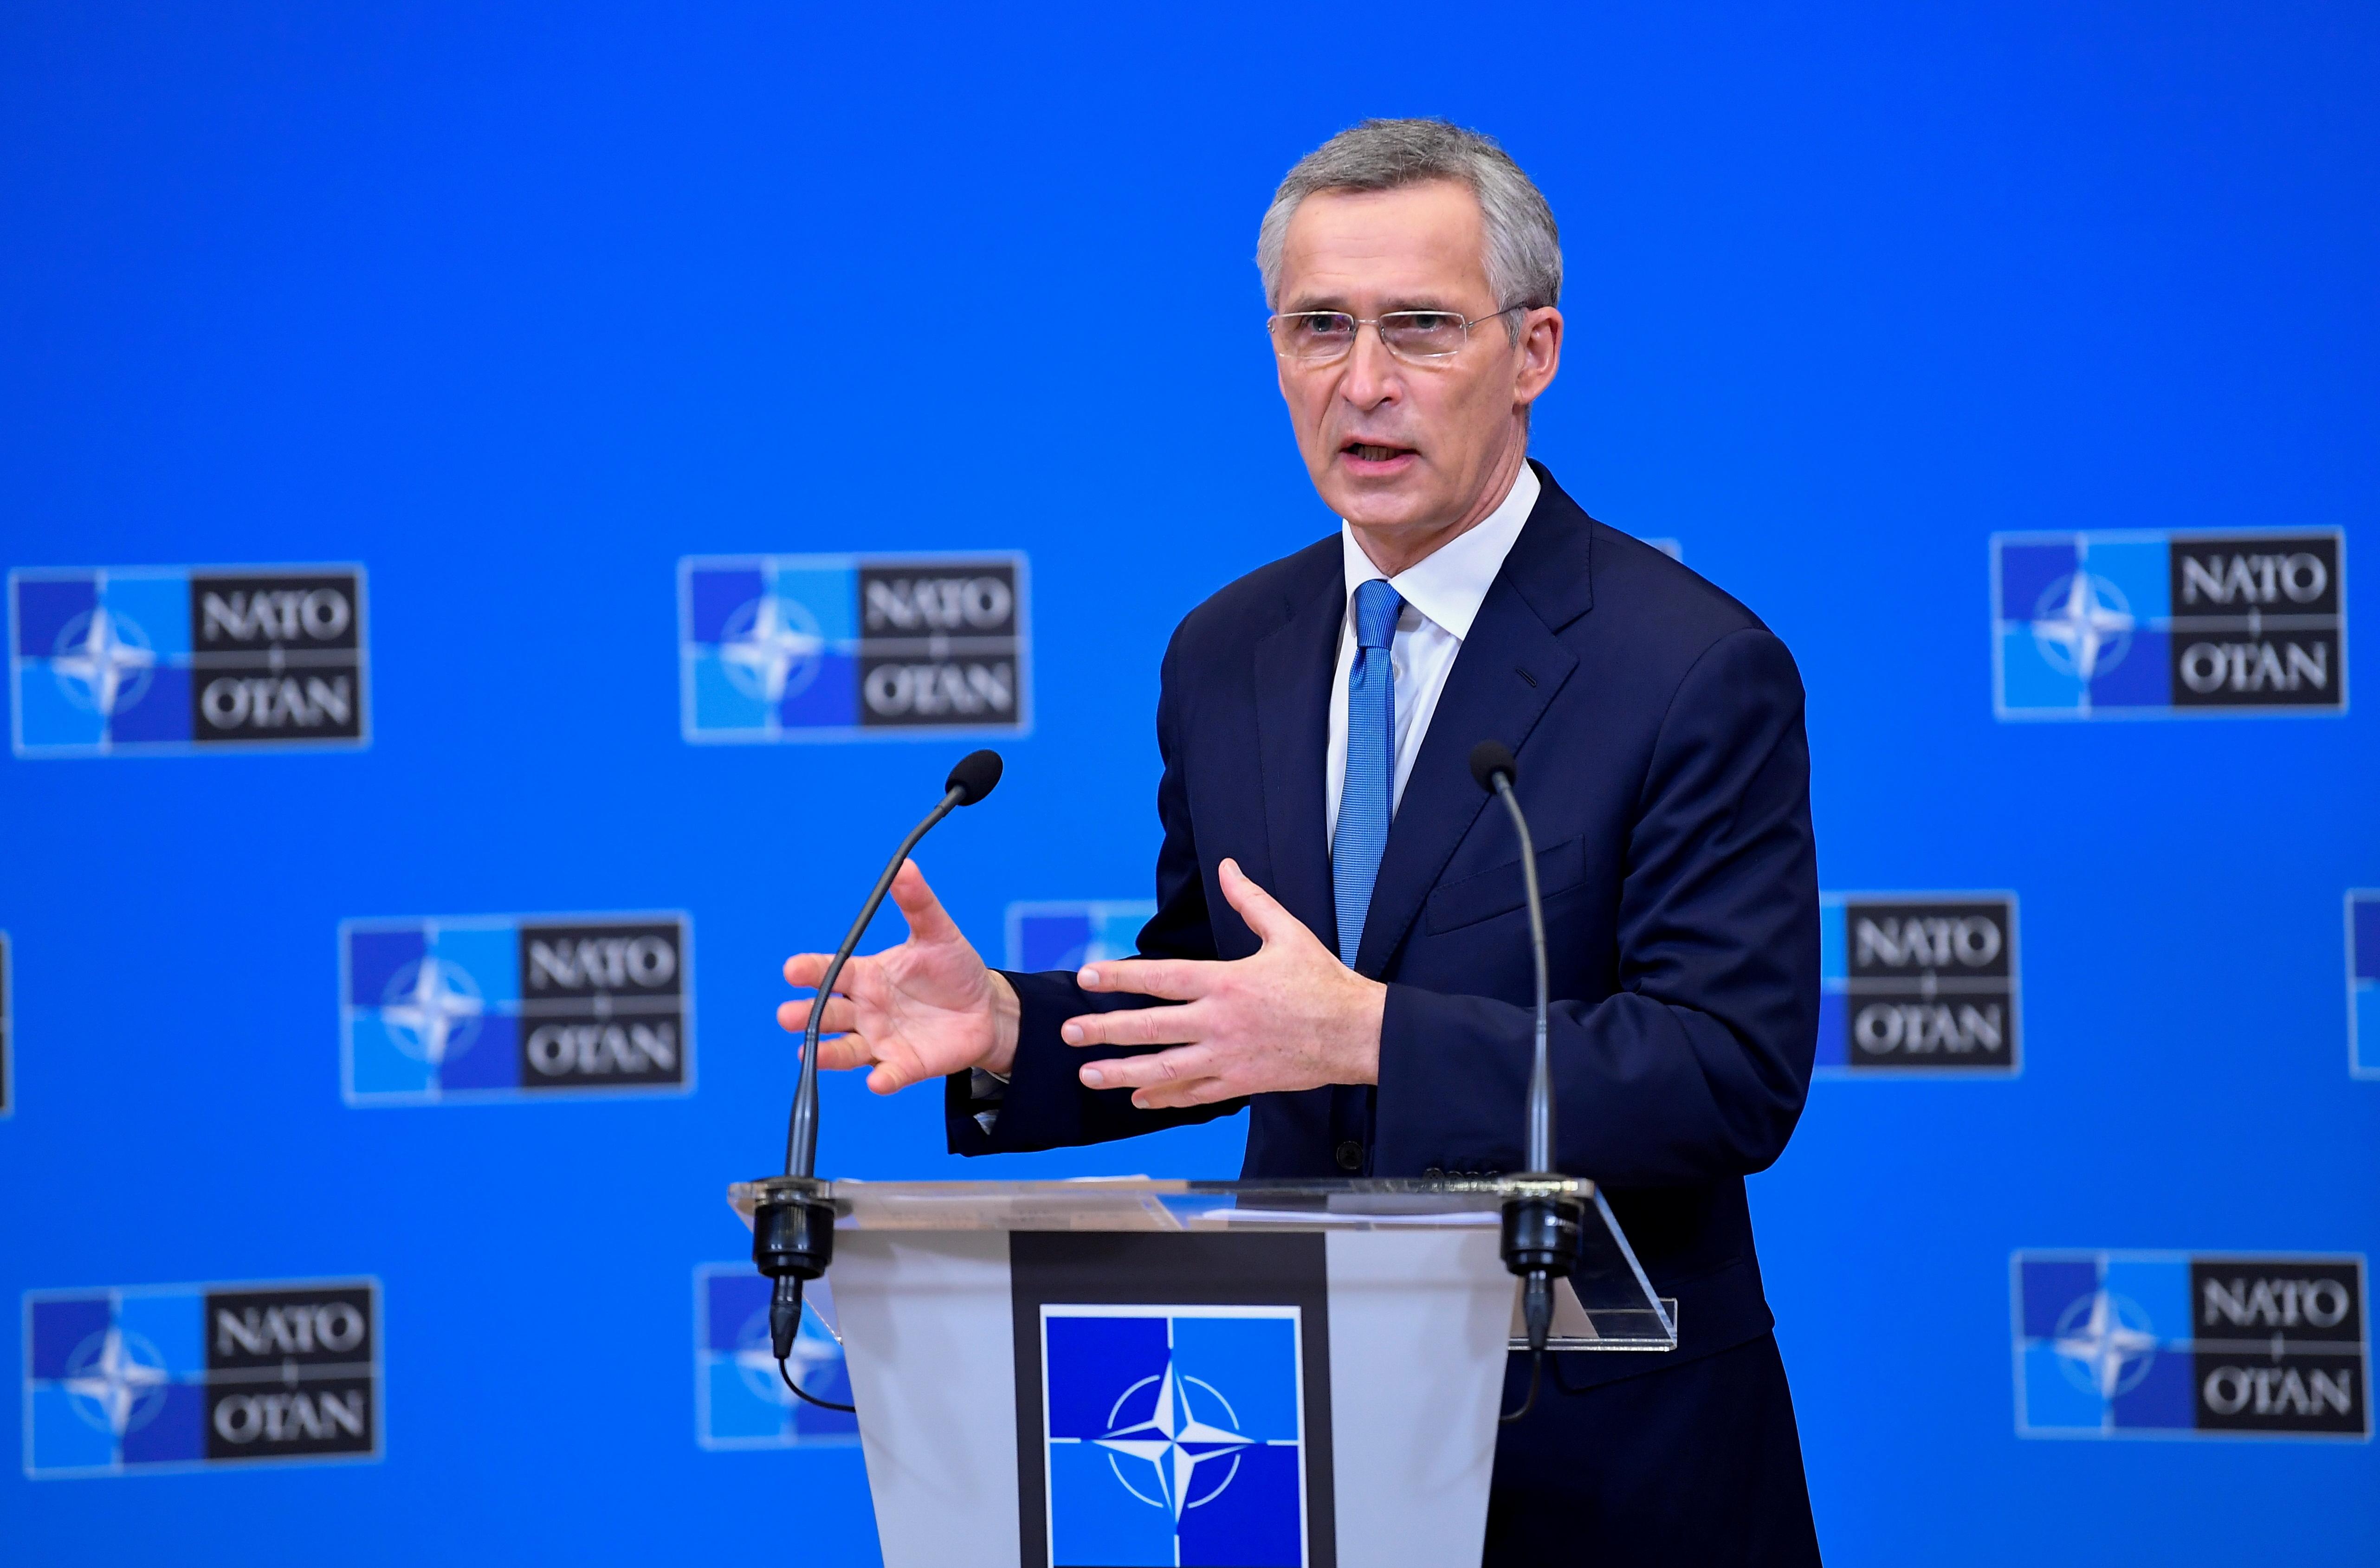 NATO'dan Türkiye açıklaması: Çok önemli müttefik